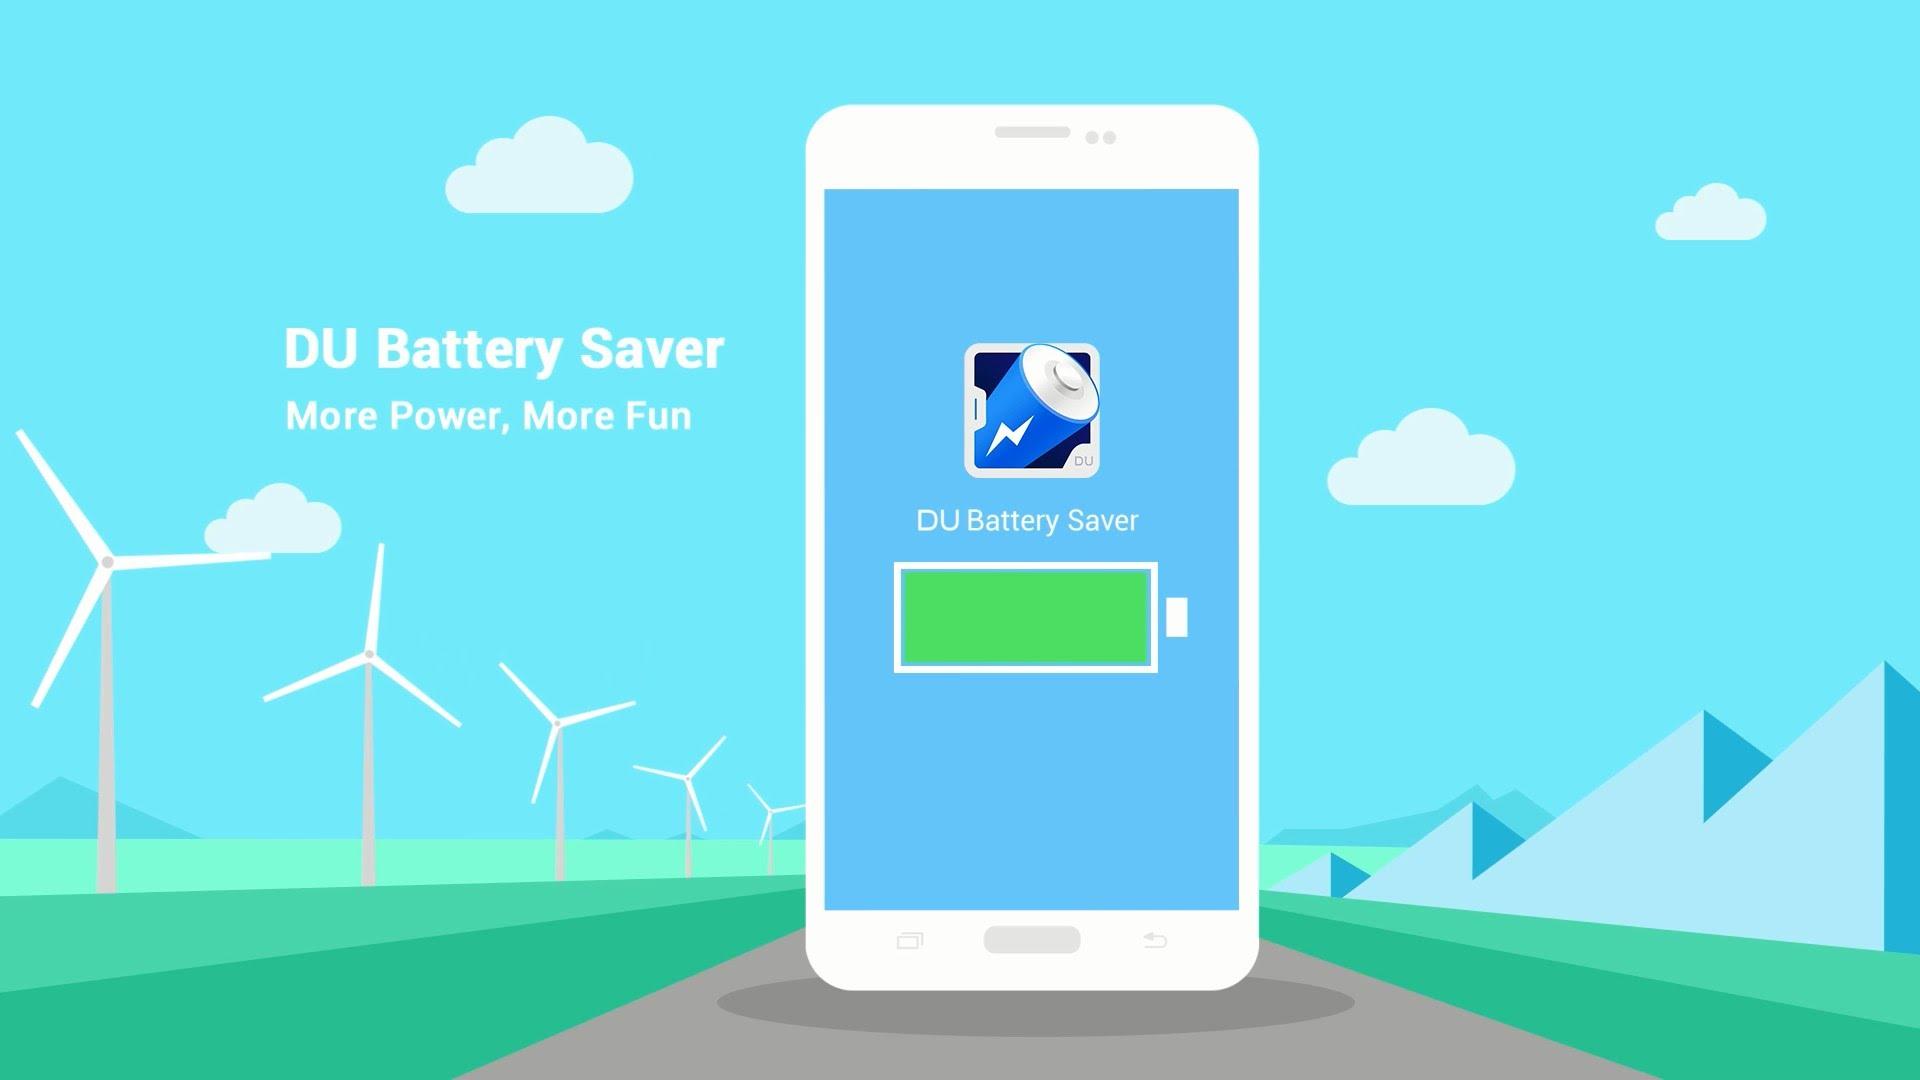 دانلود DU Battery Saver 4.7.8.1 ؛ بهترین نرم افزار کاهش مصرف باتری اندروید